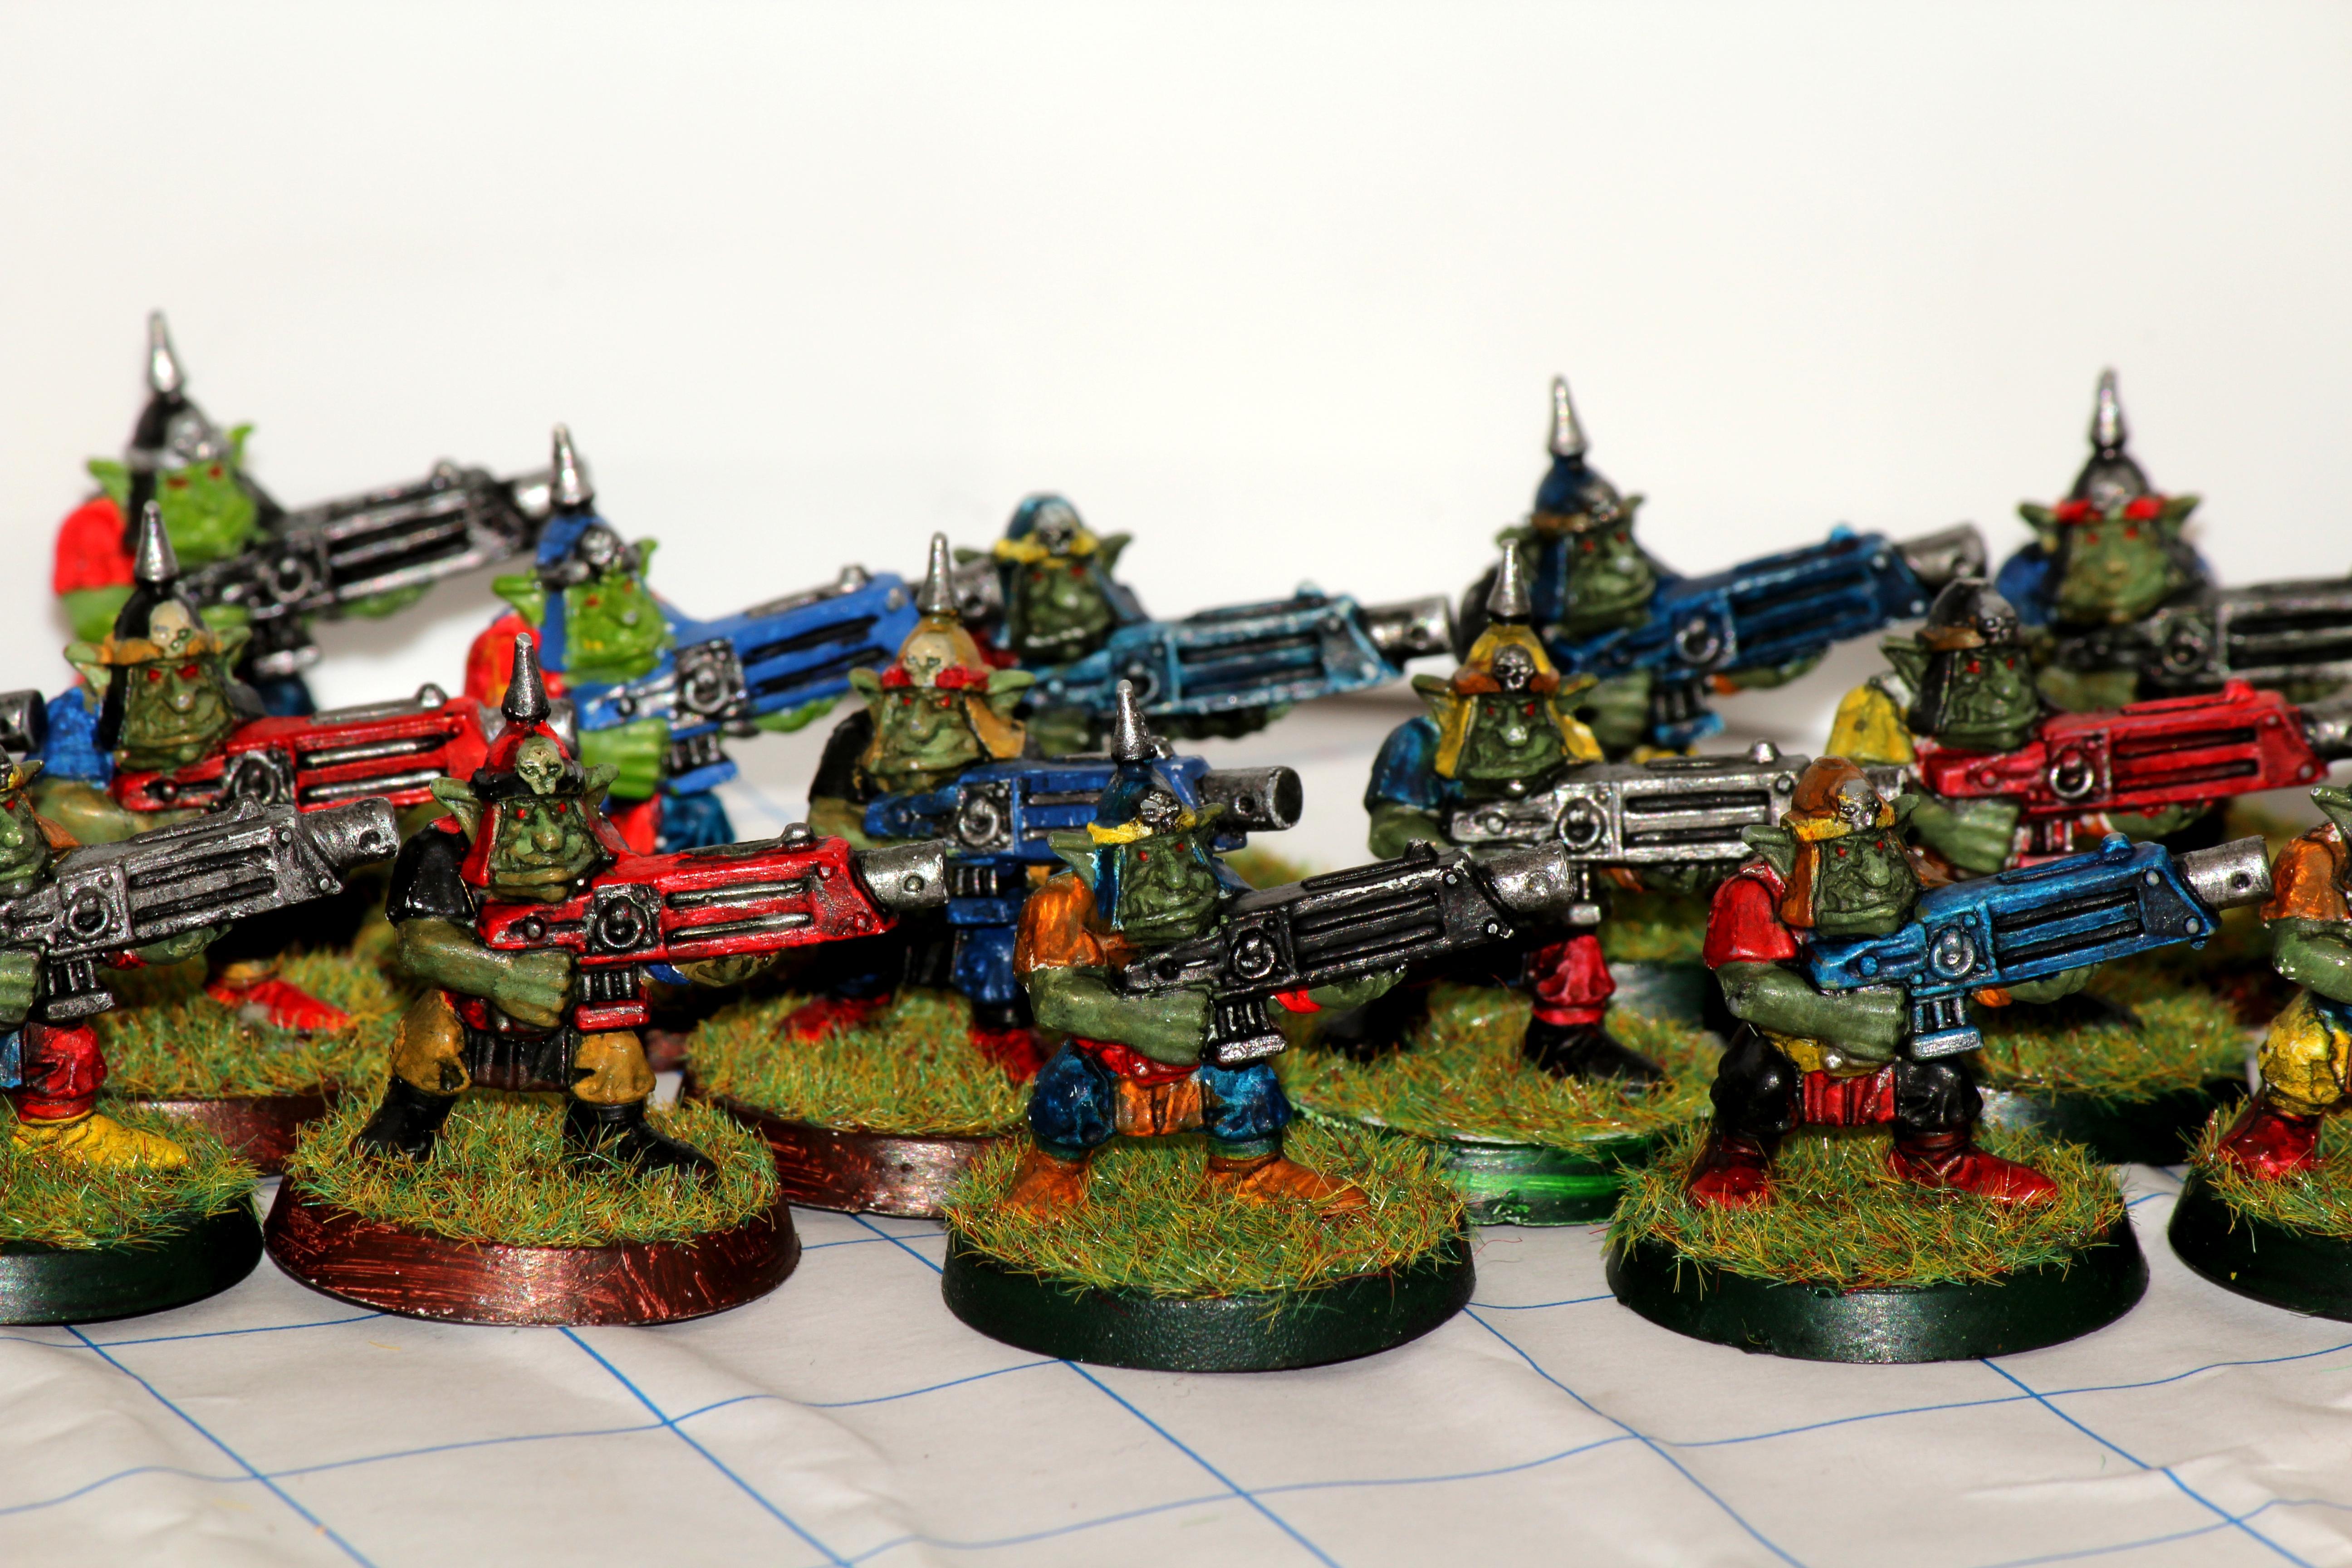 Grots, Orks, Warhammer 40,000